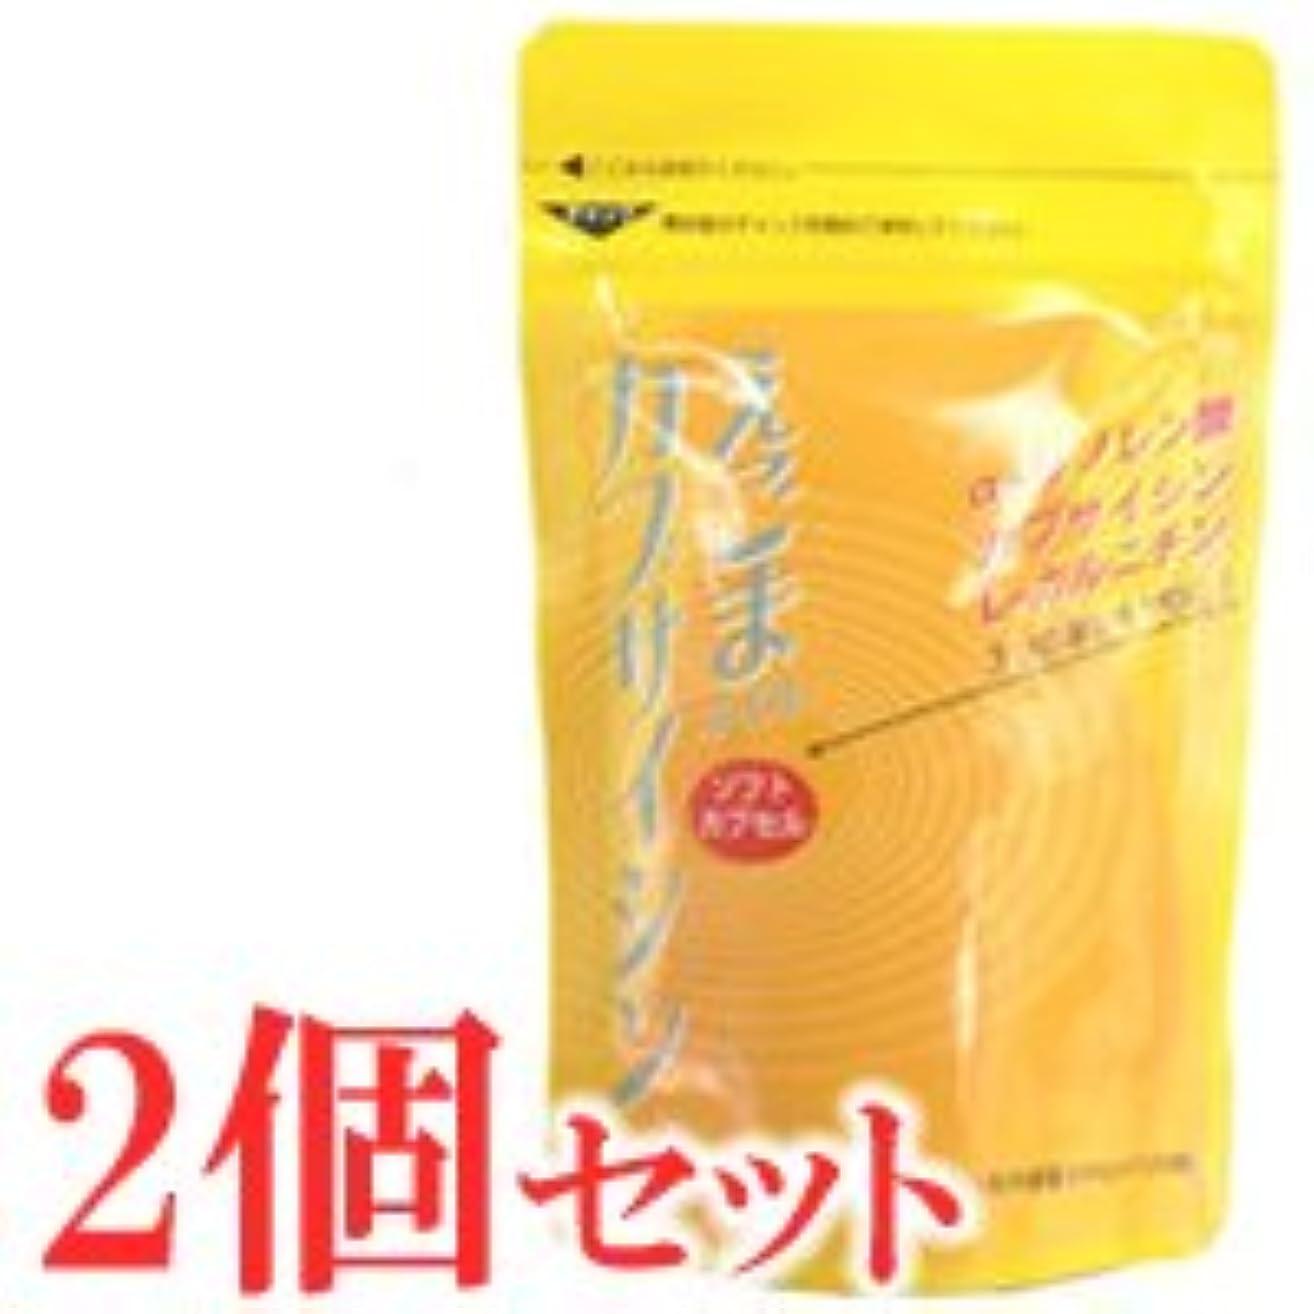 プリーツ均等にぎこちないえごまオイル カプサイシン 120粒×2袋セット(ソフトカプセル)